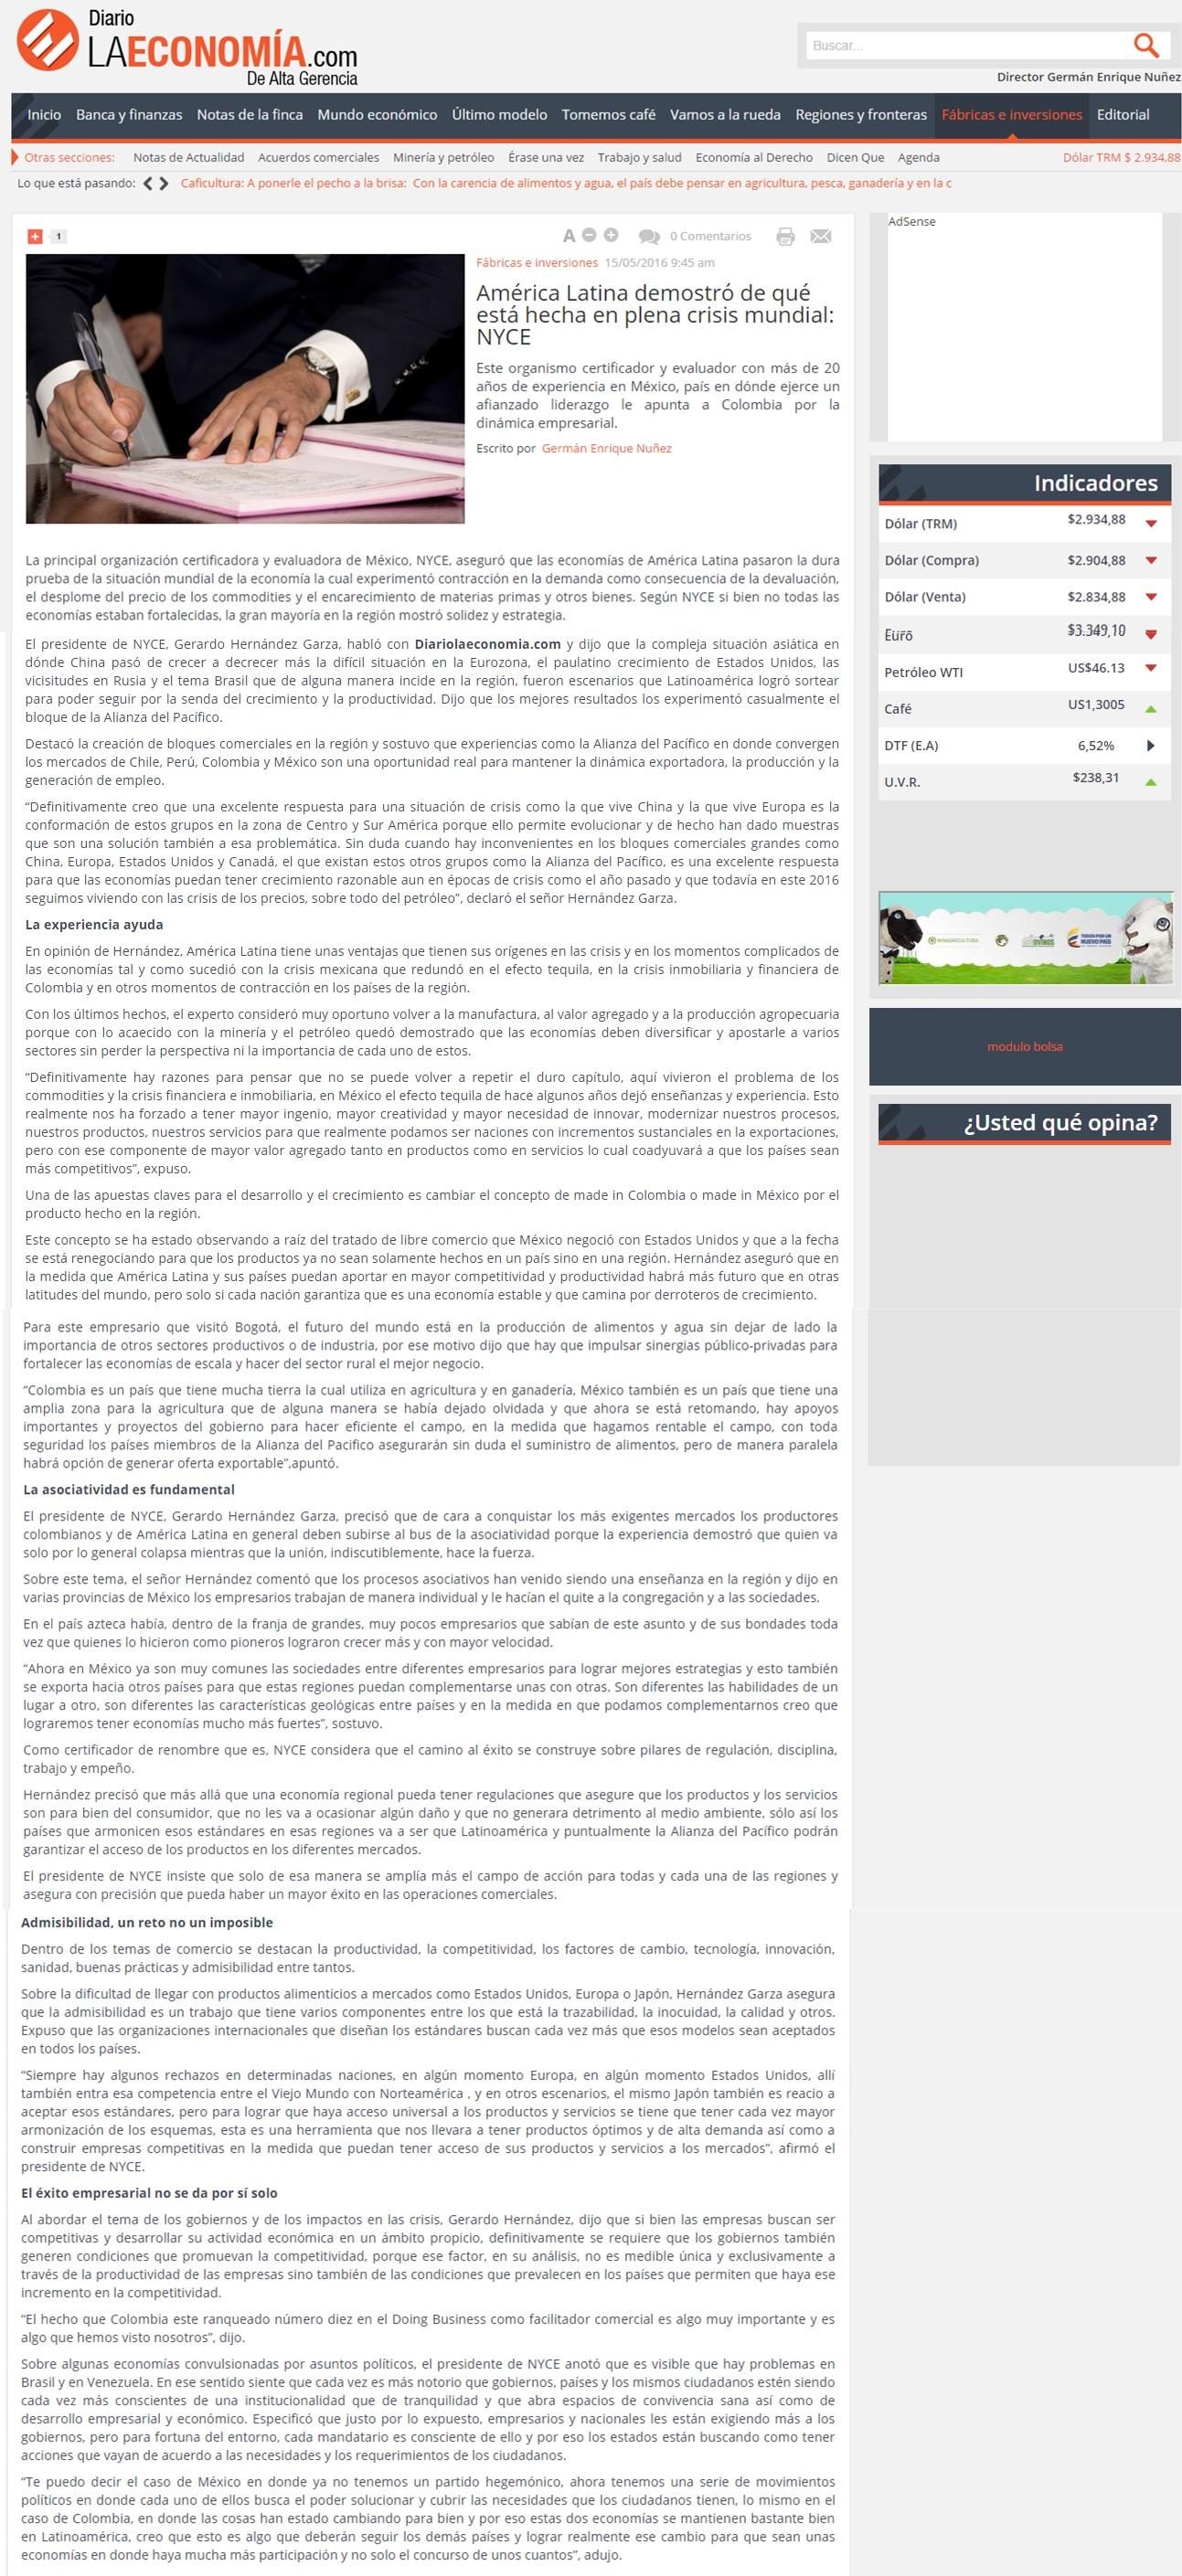 Diario la Economia.com 15 de Mayo de 2016